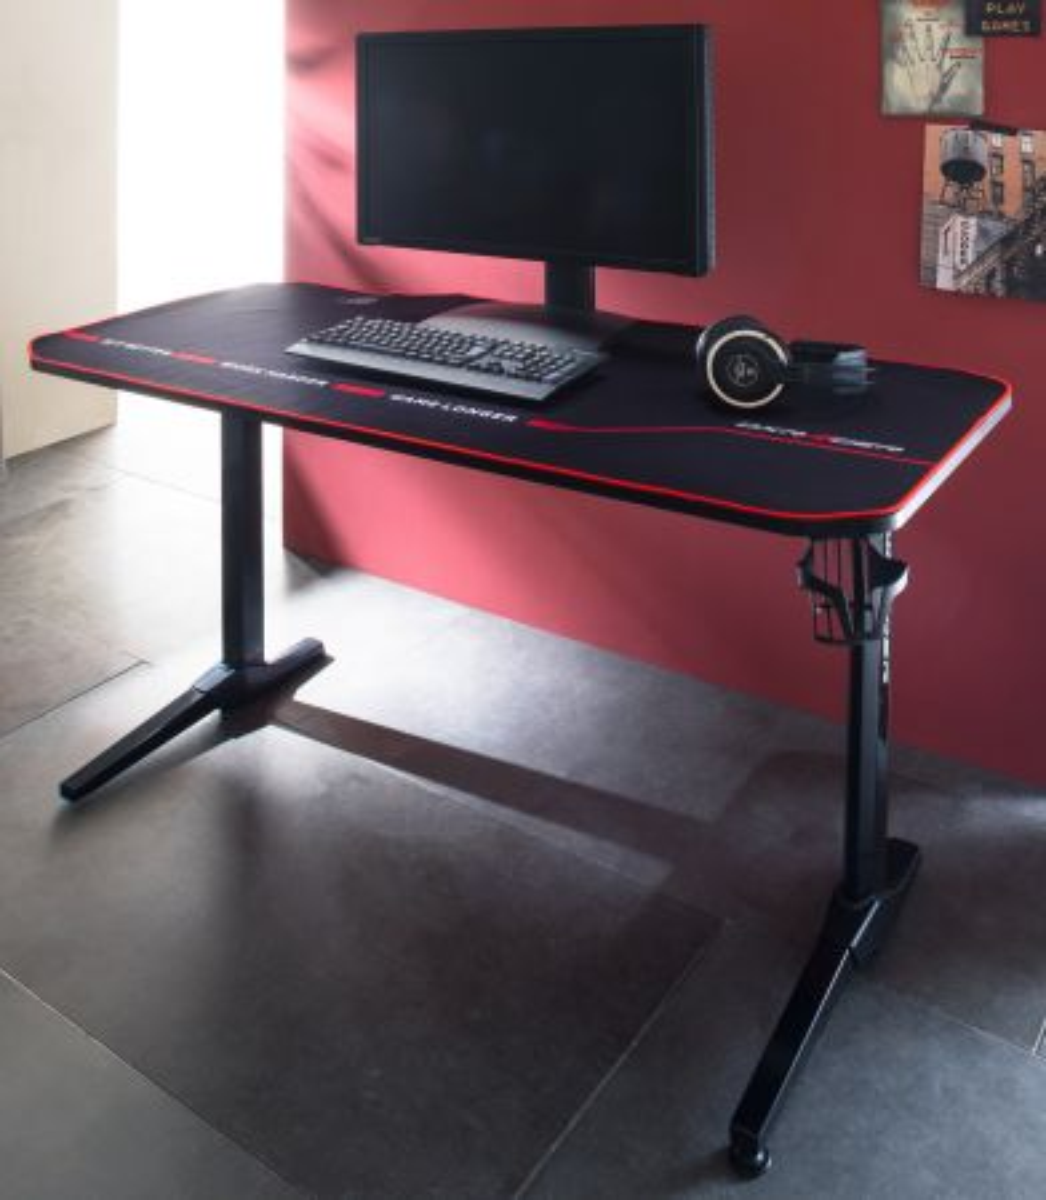 Gamingtisch DX-Racer in schwarz Schreibtisch 140 cm